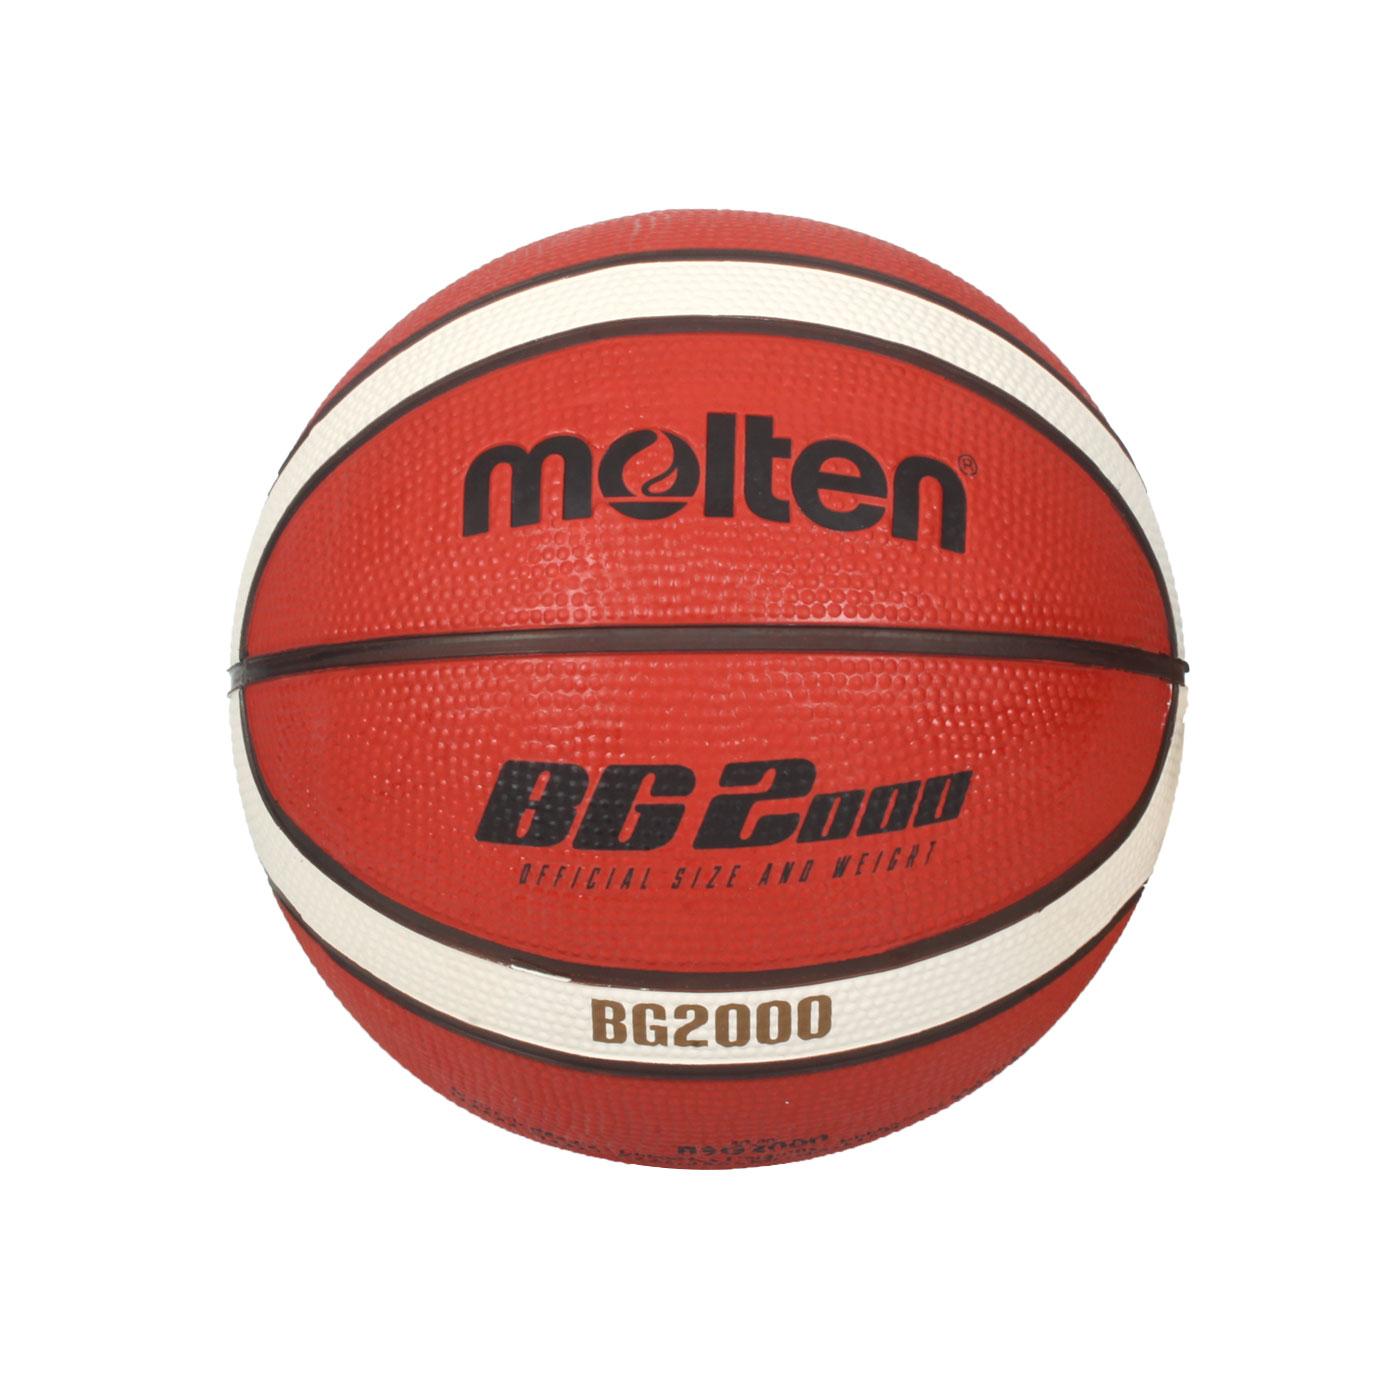 Molten 12片橡膠平溝籃球 B3G2000